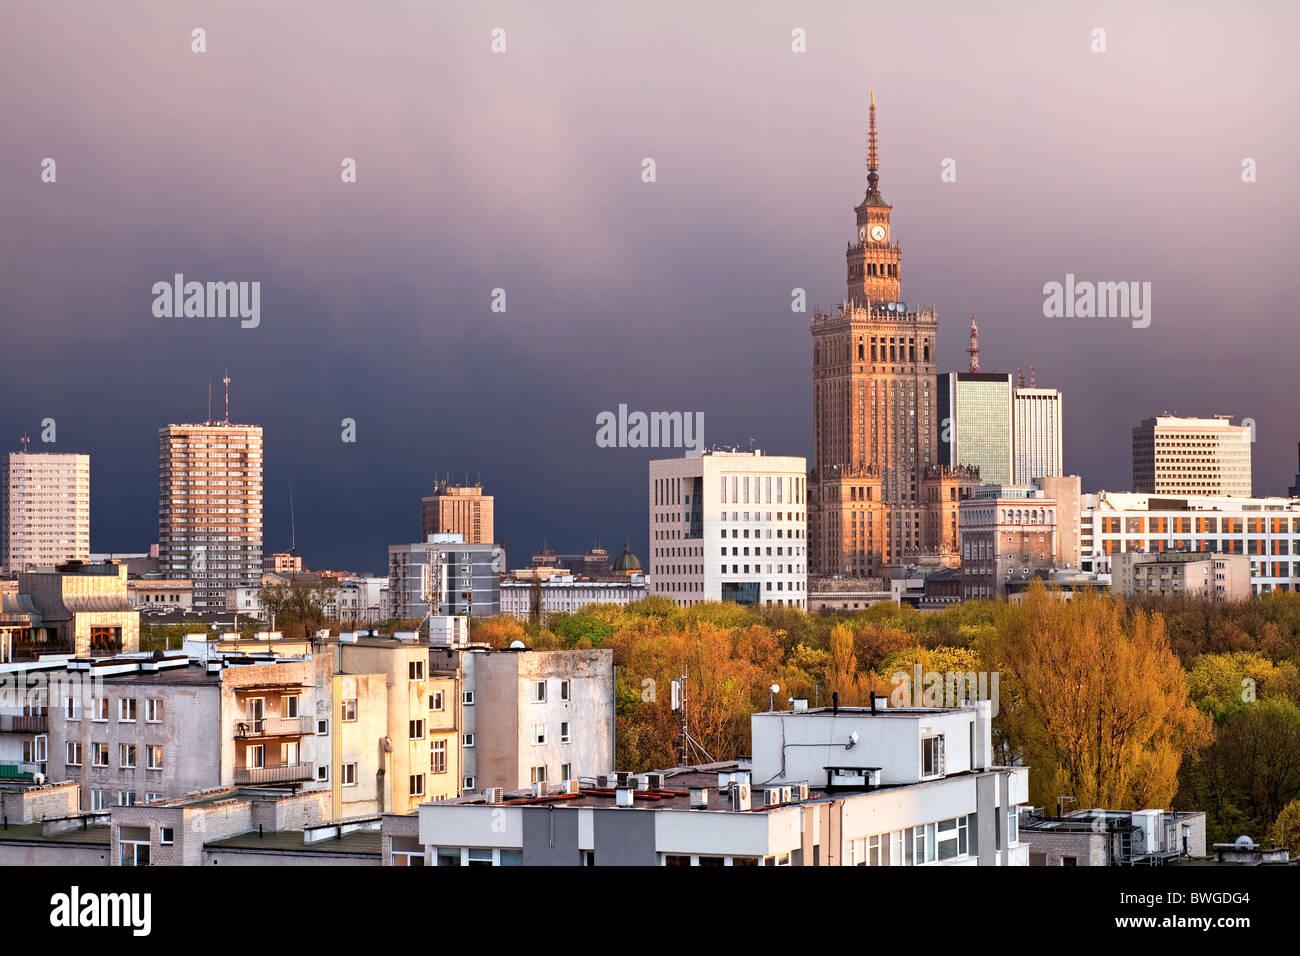 Varsovia, capital de Polonia, con el Palacio de la cultura y la ciencia, Srodmiescie distrito. Tiempo de puesta Imagen De Stock